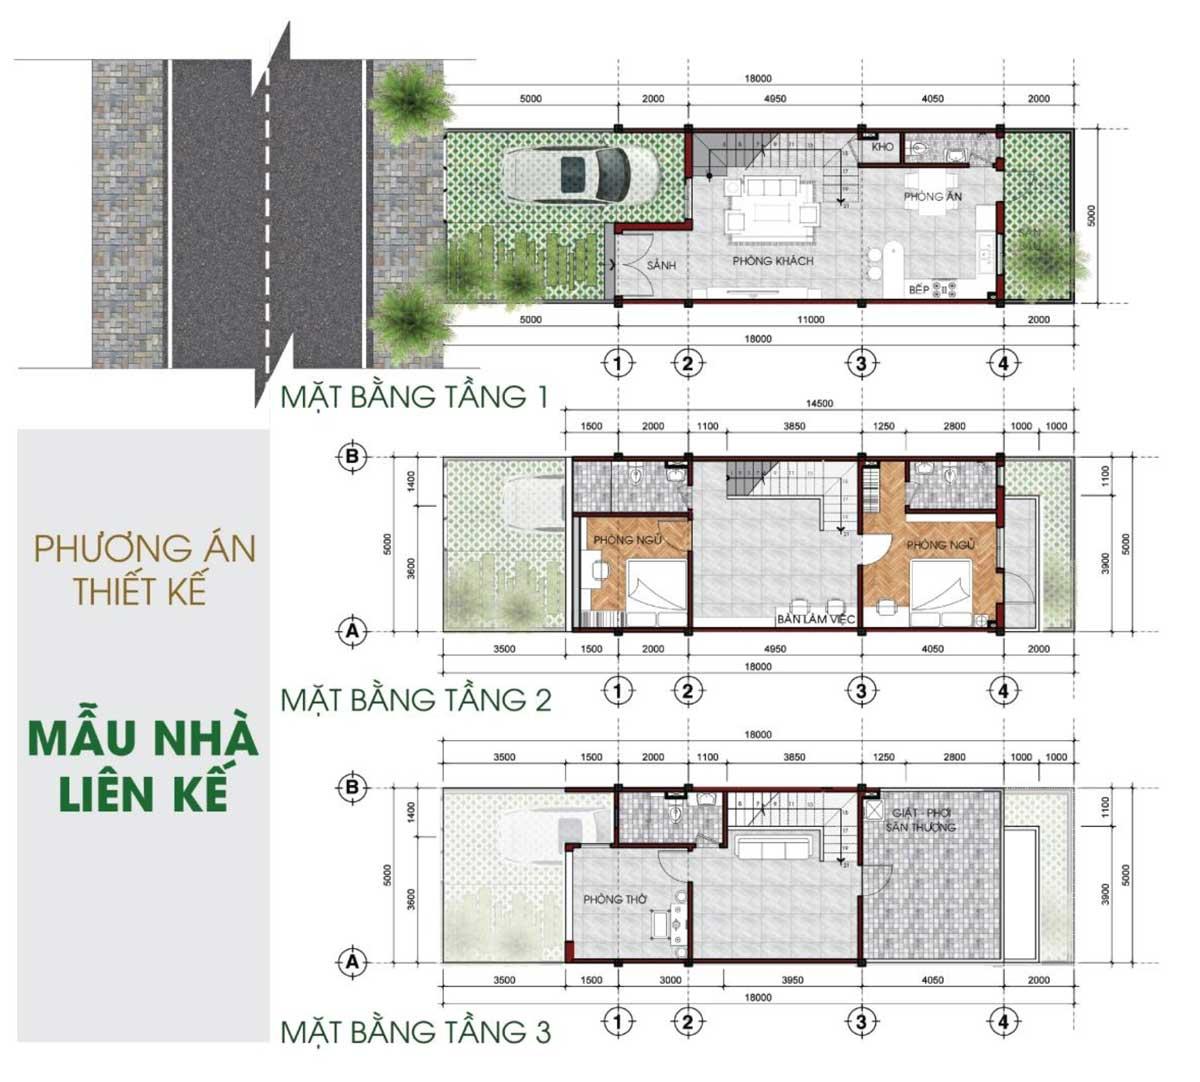 Thiết kế Nhà phố liên kế Khu dân cư TVC Trần Văn Chẩm Củ Chi